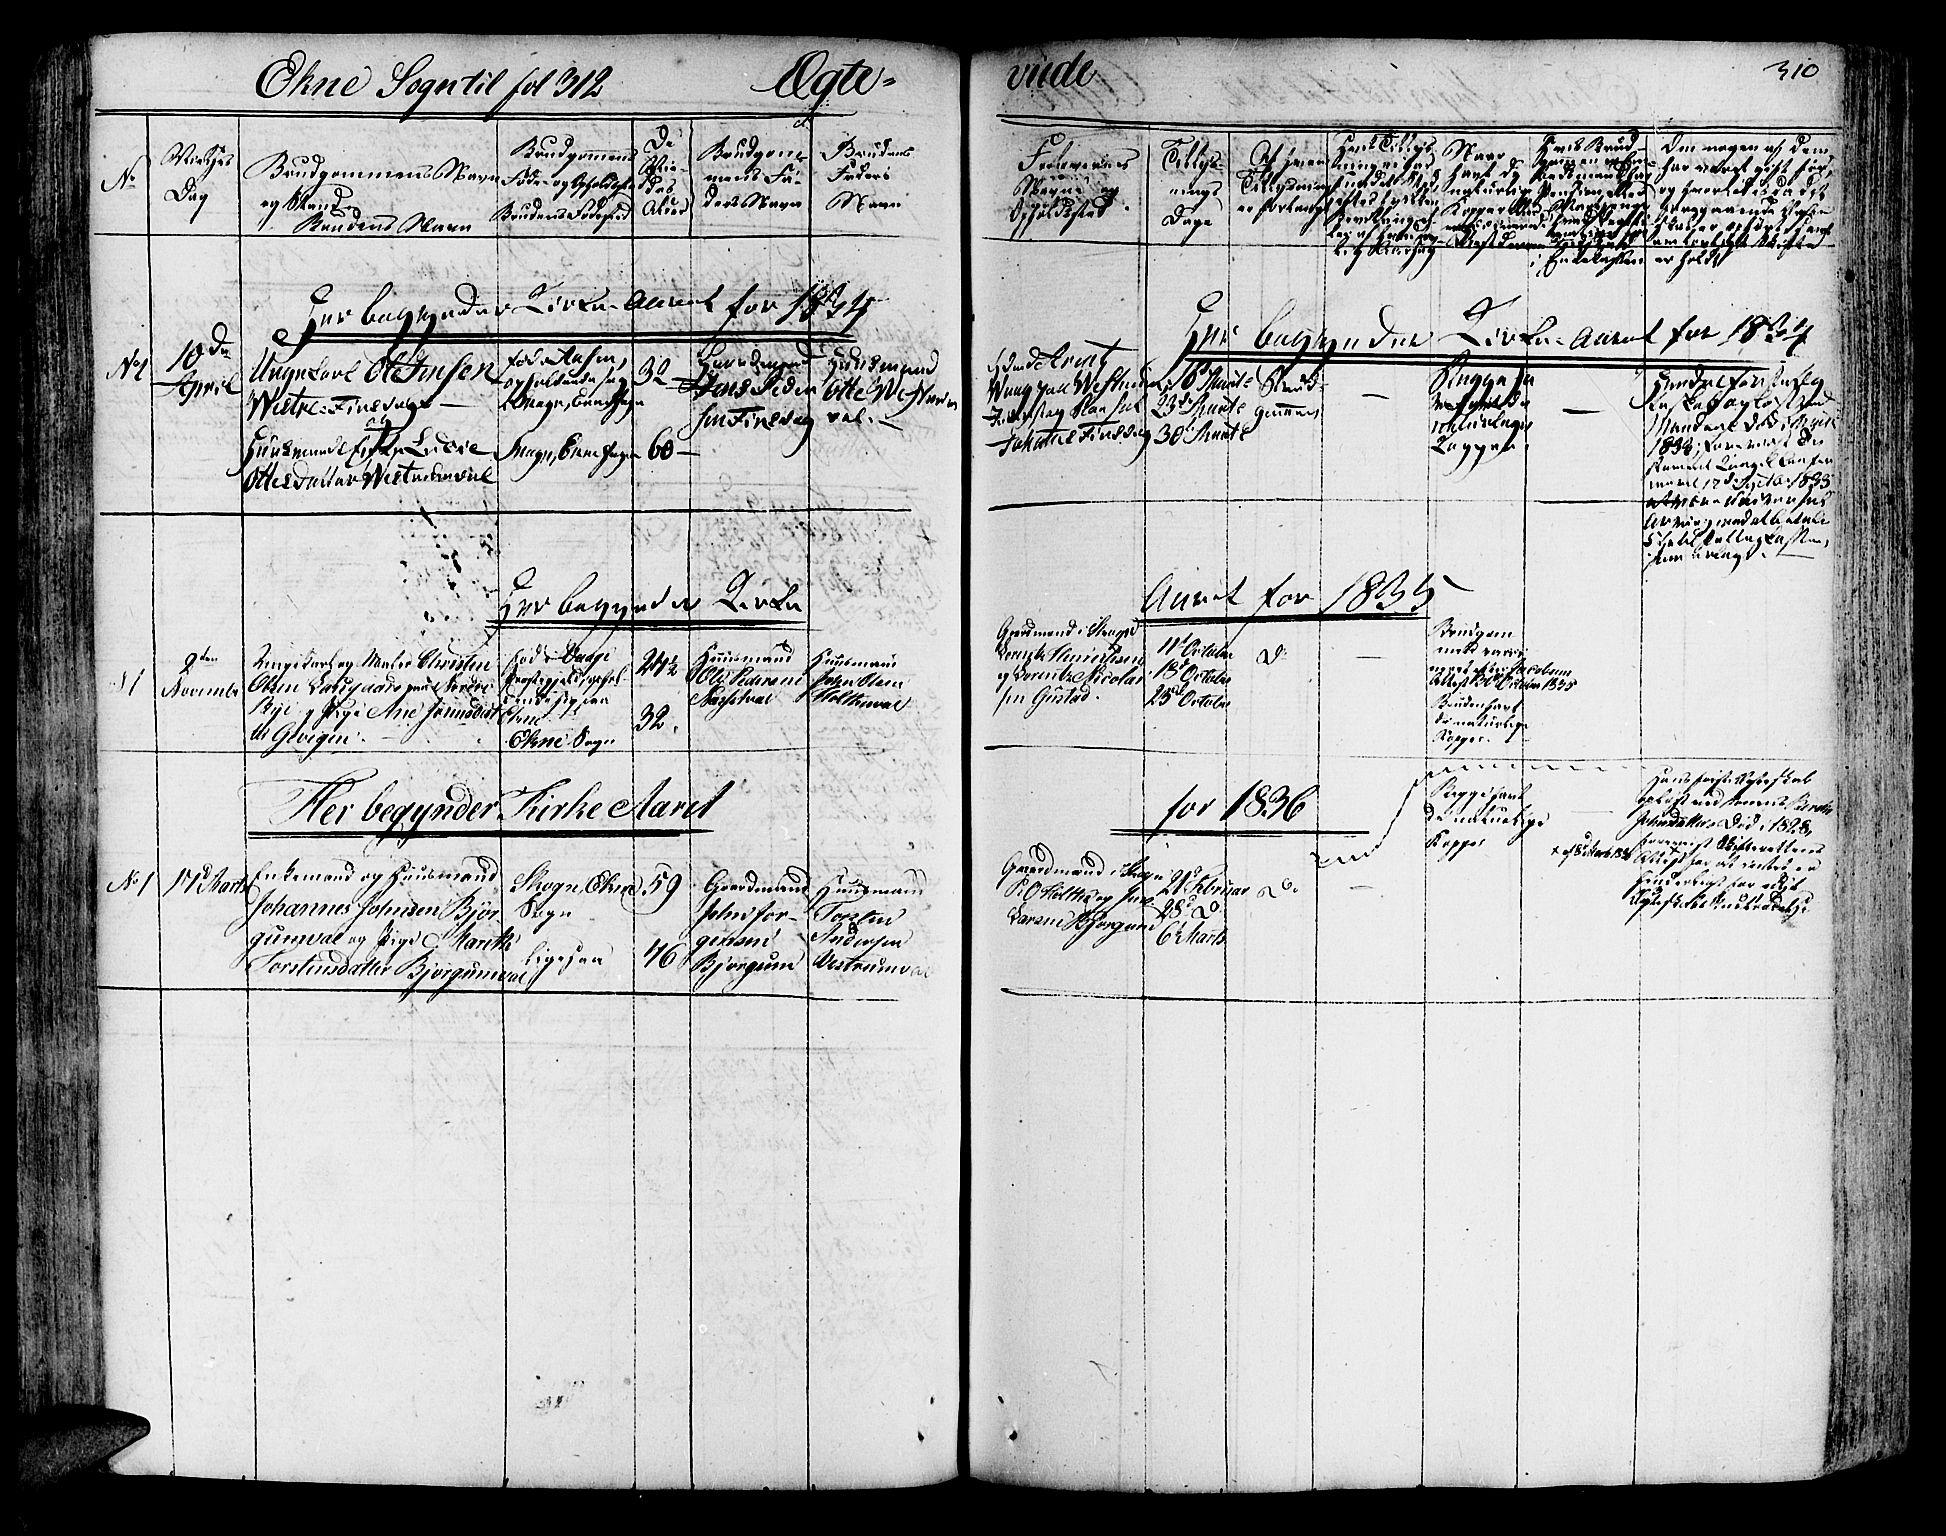 SAT, Ministerialprotokoller, klokkerbøker og fødselsregistre - Nord-Trøndelag, 717/L0152: Ministerialbok nr. 717A05 /2, 1828-1836, s. 310